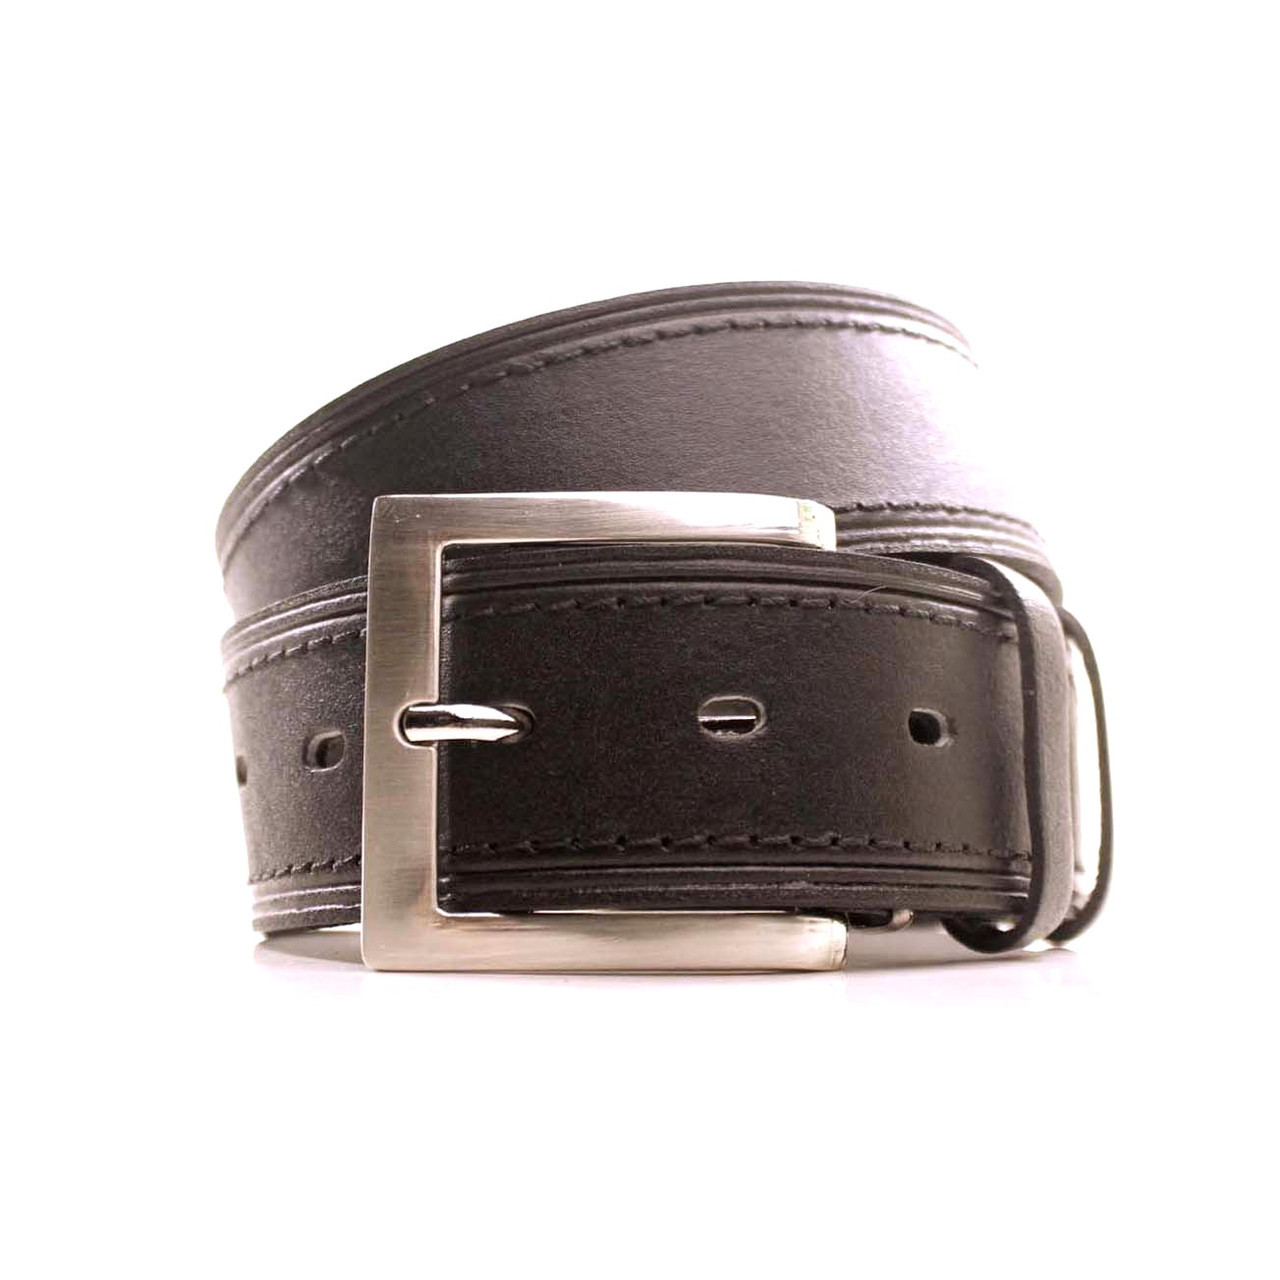 Ремень кожаный Lazar 120-125 см черный L40S1W9